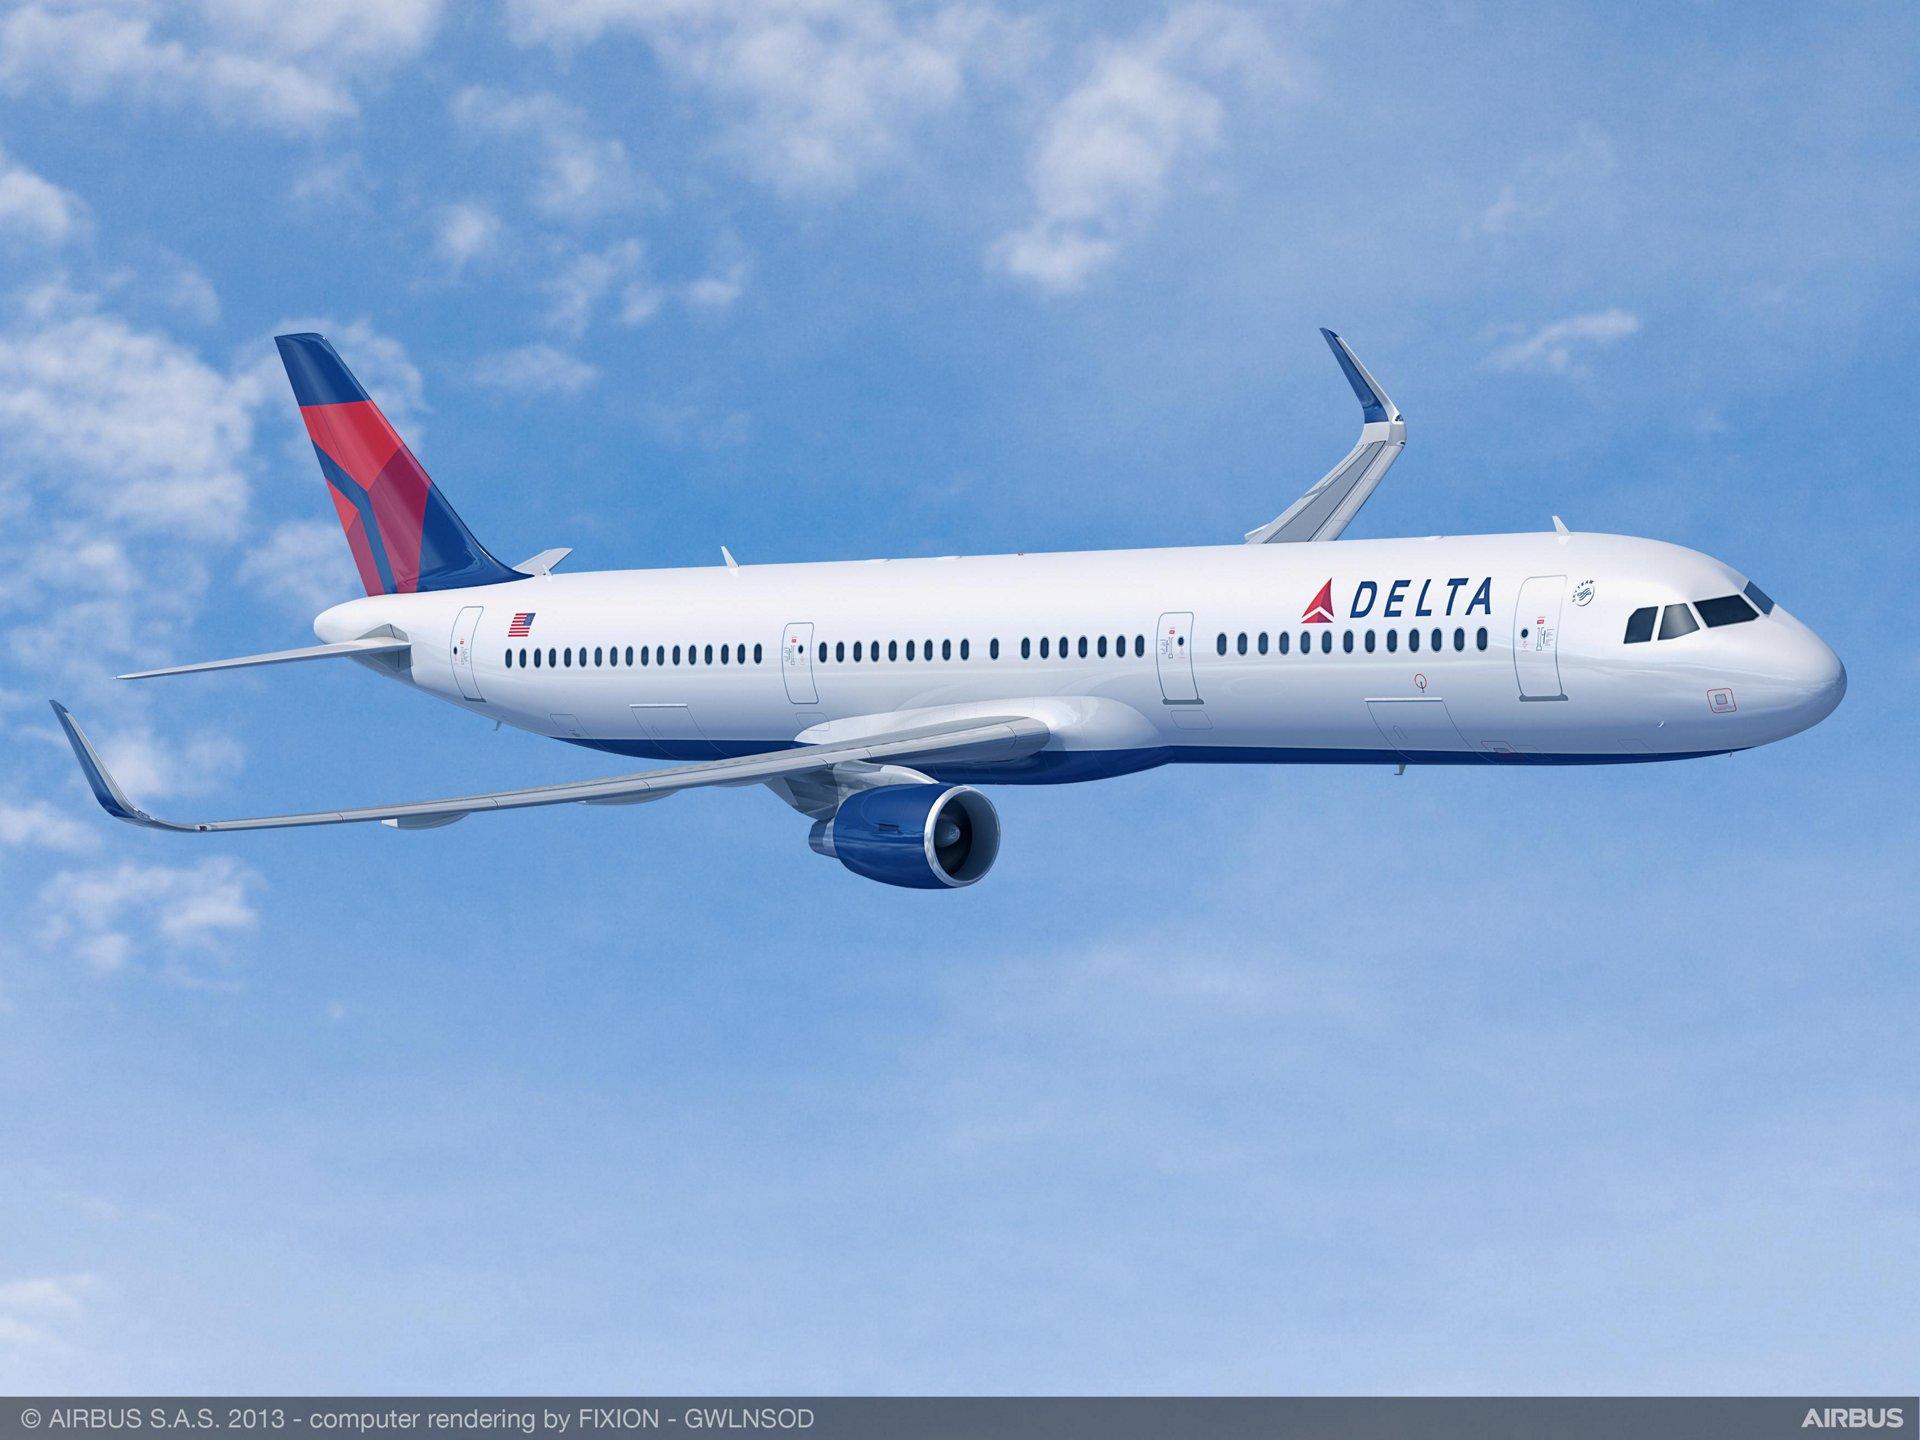 A321 Delta